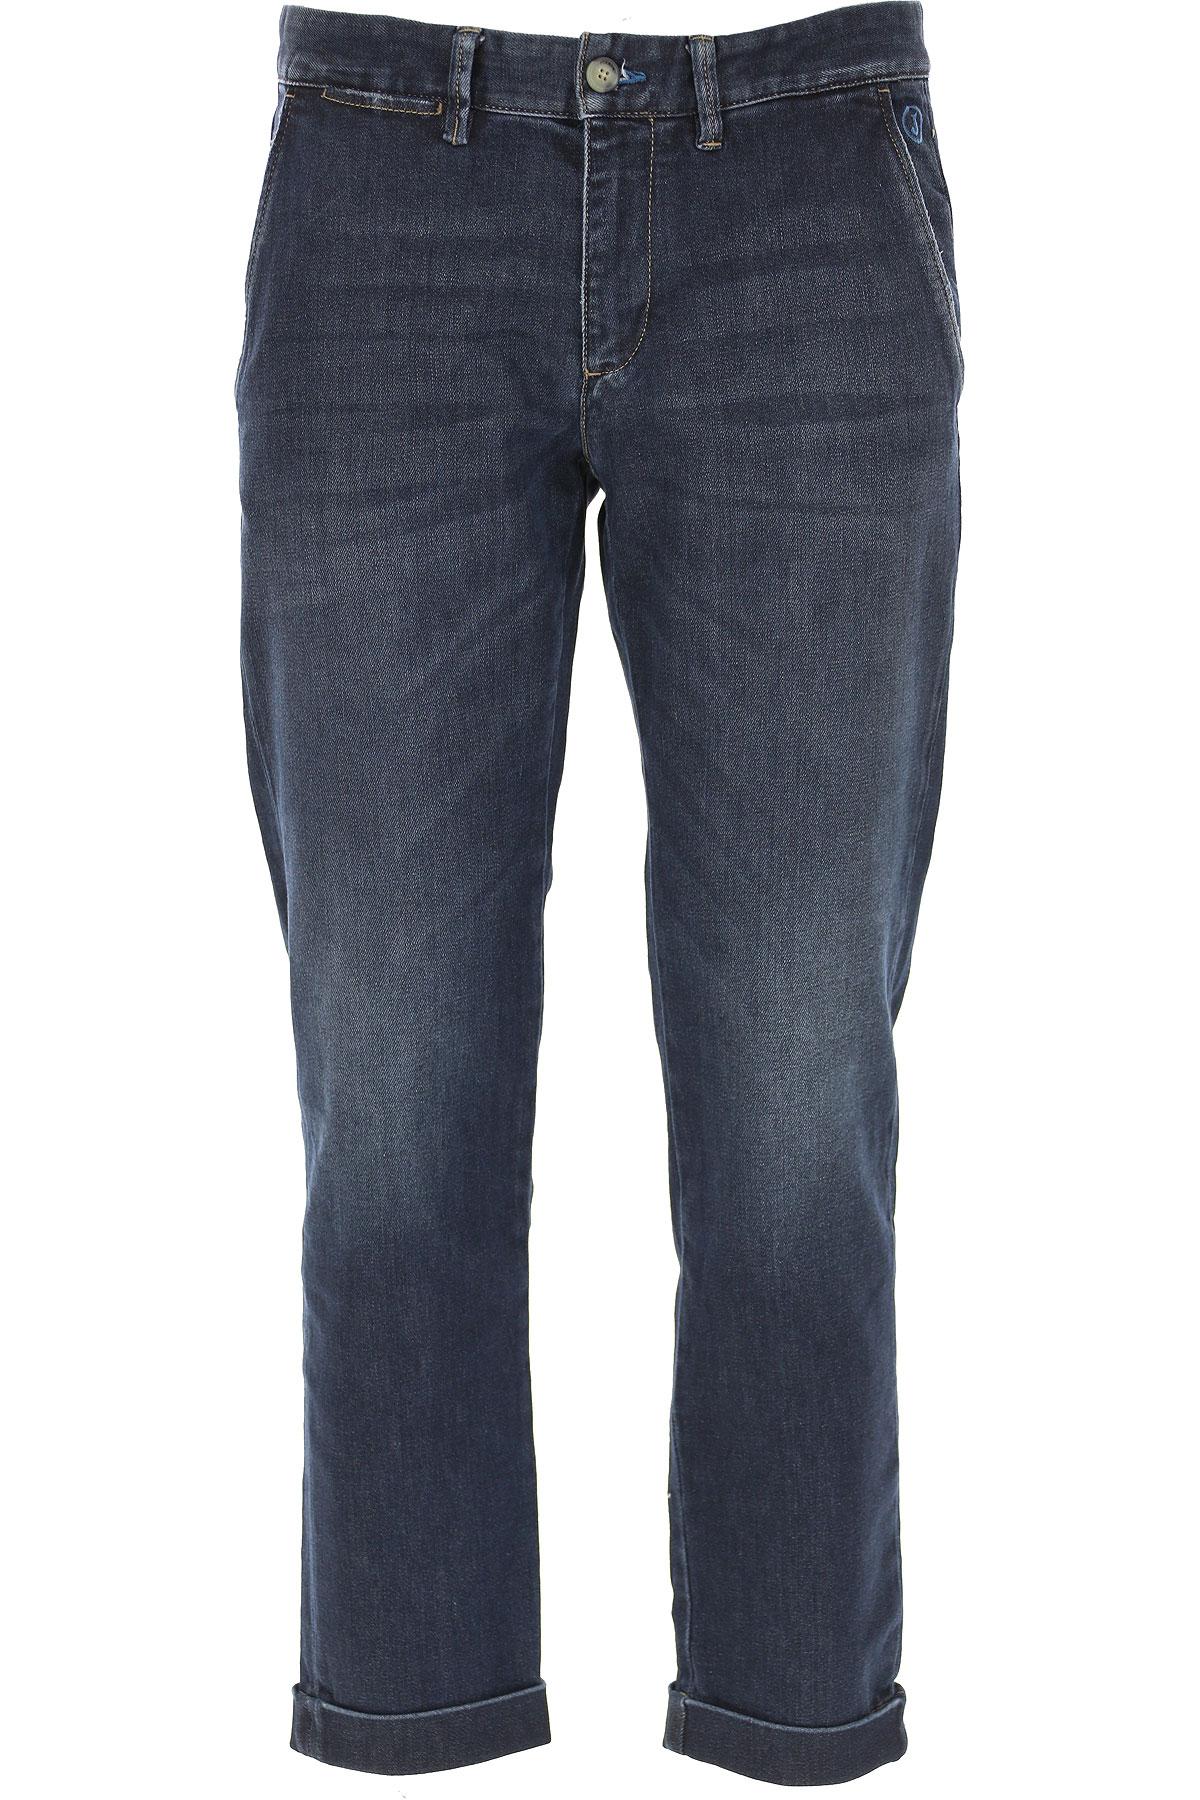 Jeckerson Jeans On Sale, Dark Blue Denim, Cotton, 2019, 30 31 32 33 34 35 36 38